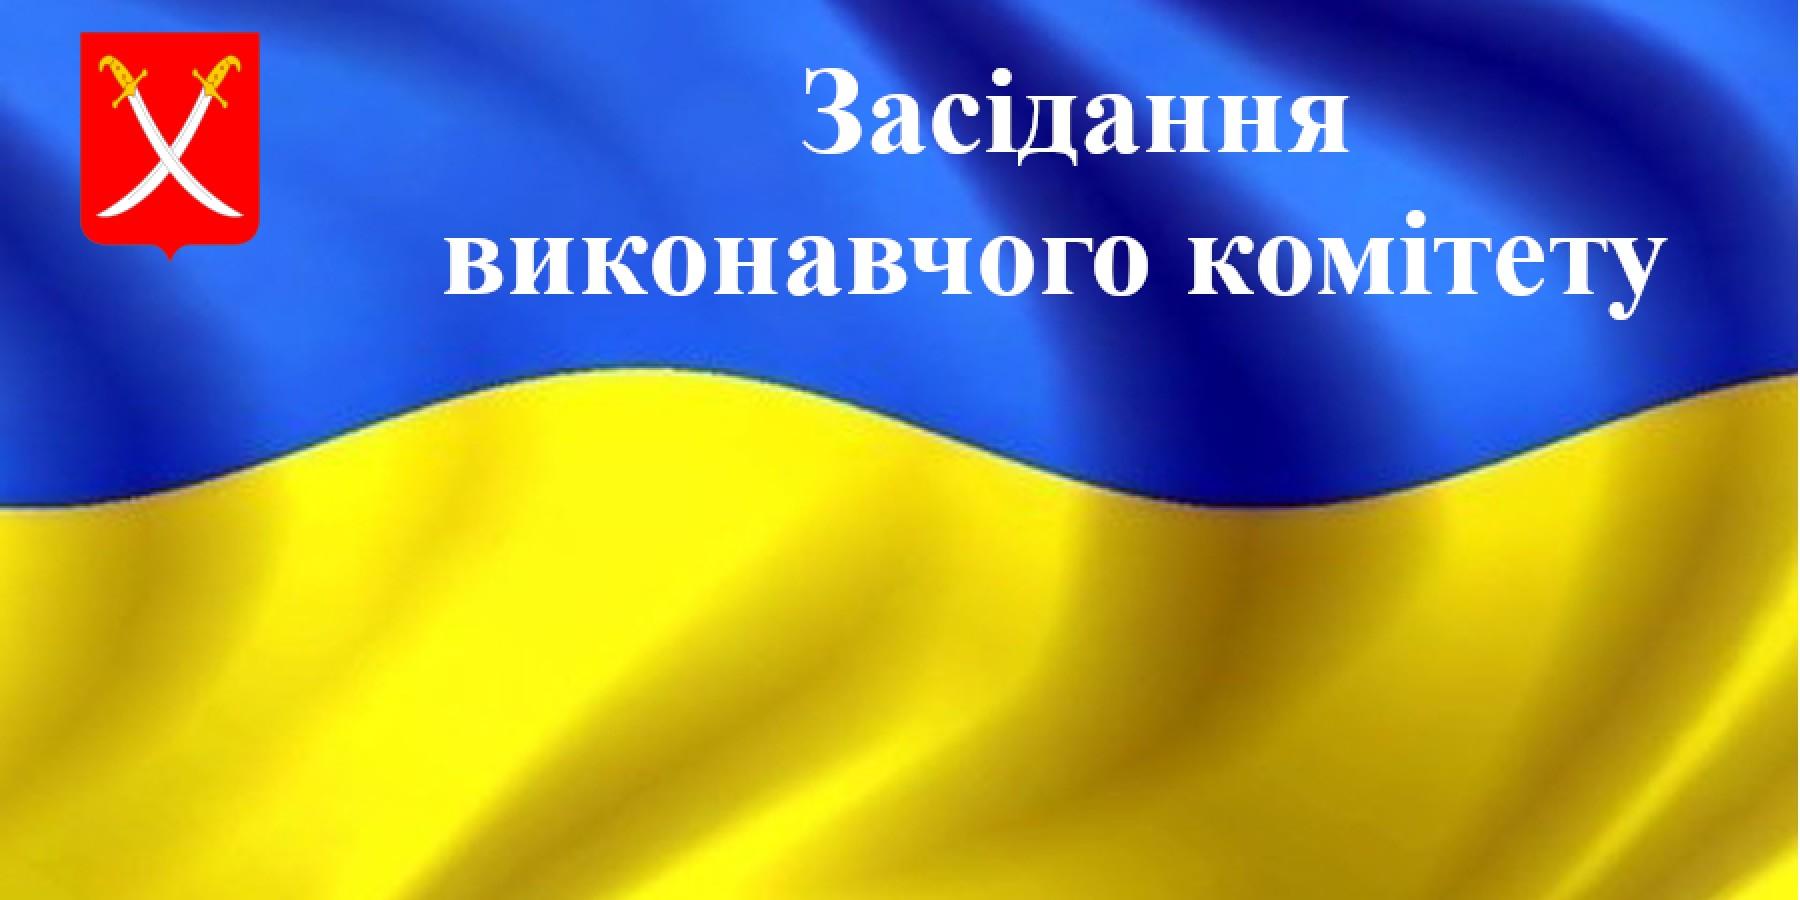 22 червня  2021 року  об 11.00 годині, за адресою: м. Бобровиця, вул.Незалежності, 46  відбудеться засідання виконавчого комітету Бобровицької міської ради